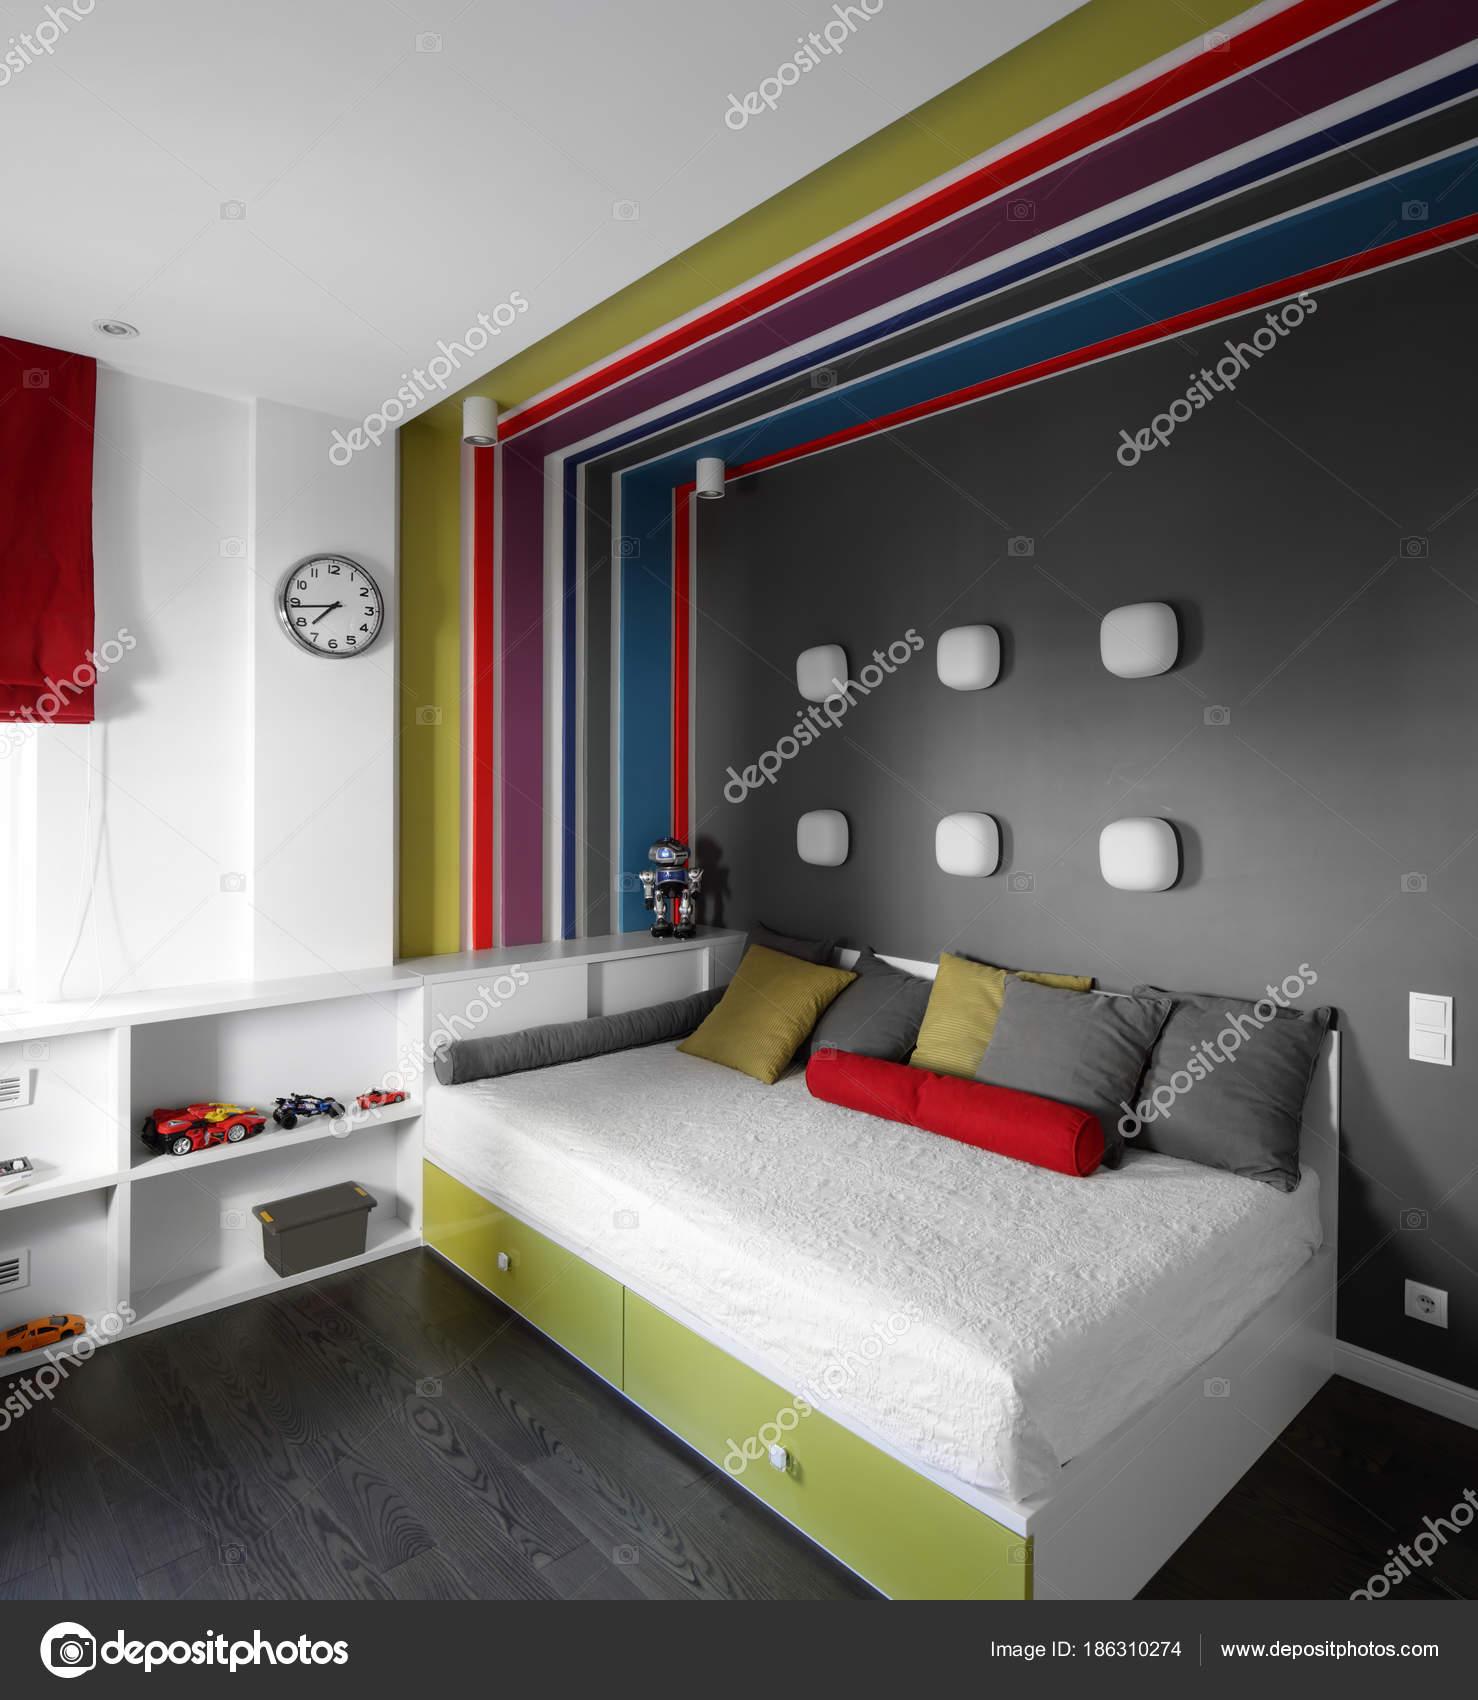 kleurrijk interieur van kinderkamer stockfoto